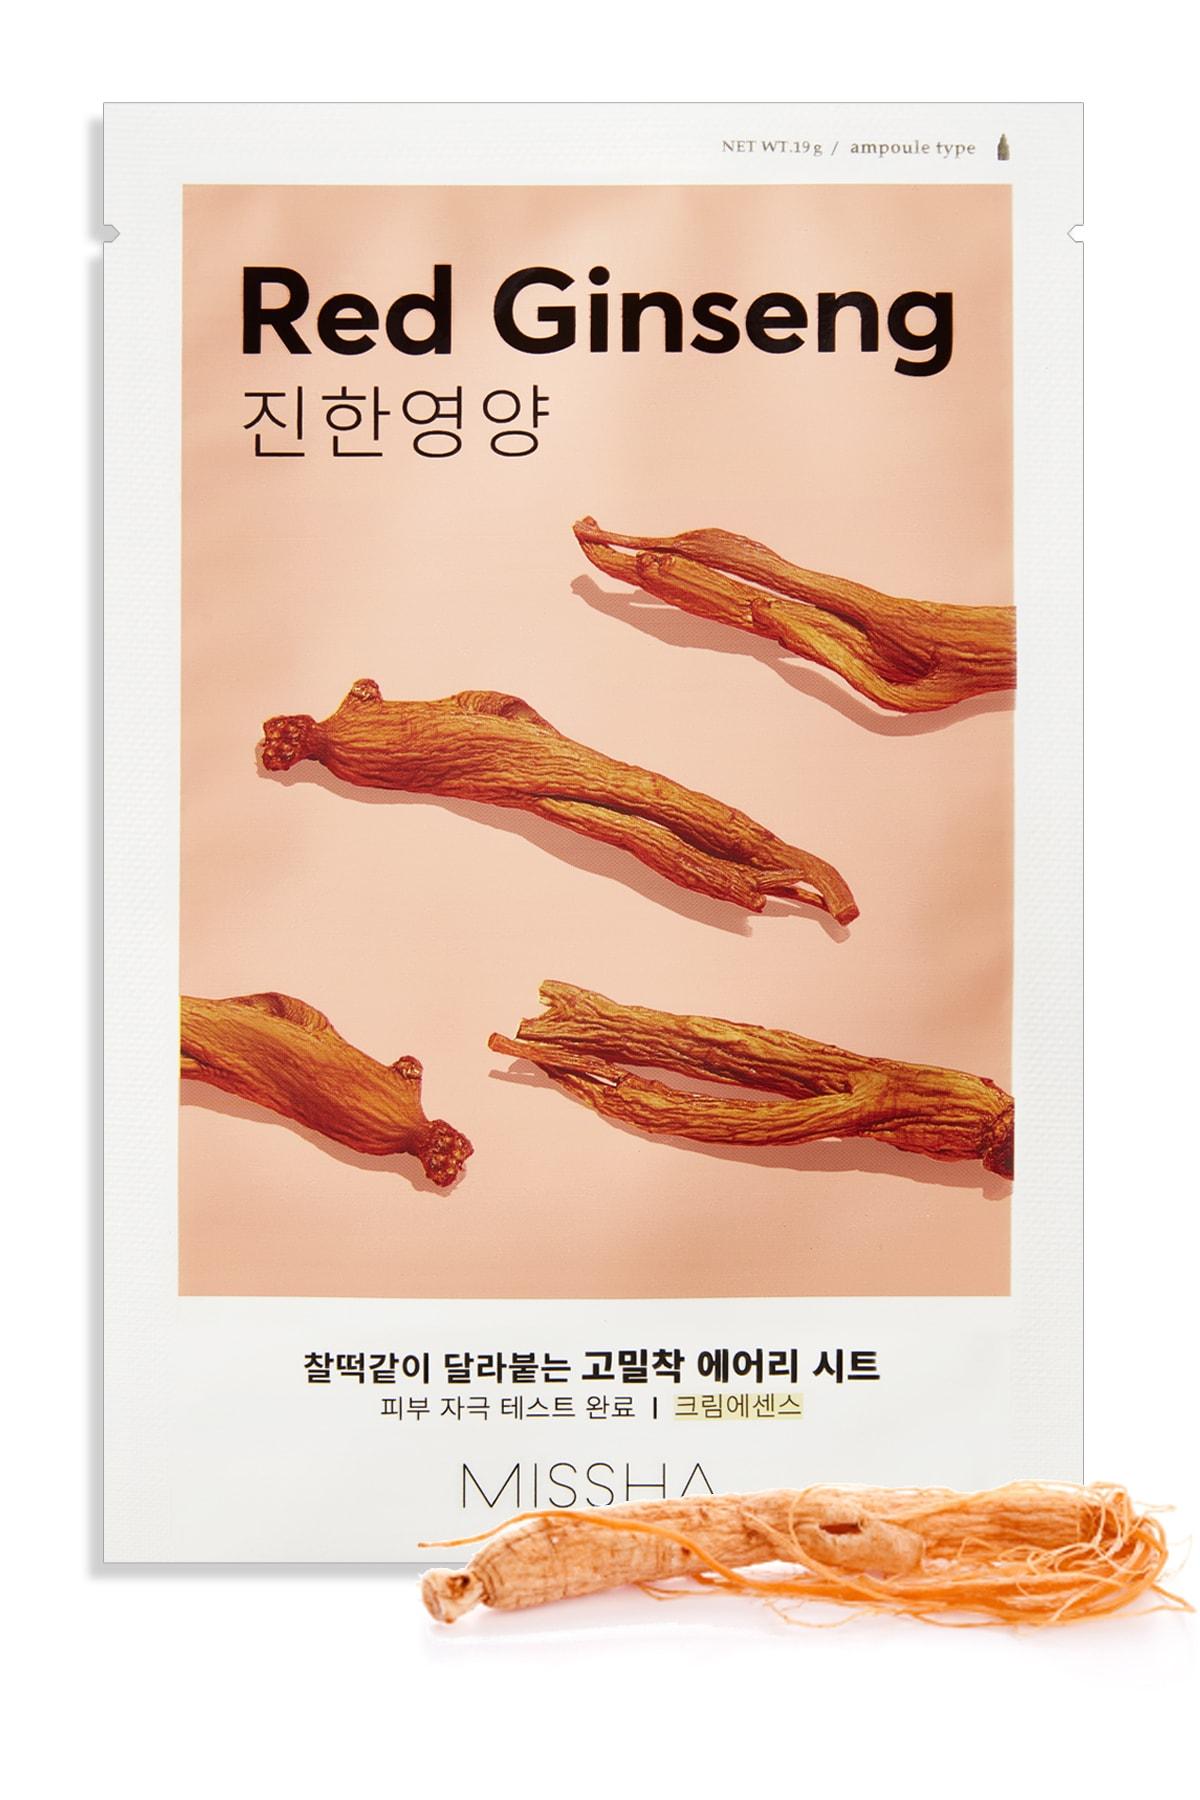 Missha Kırmızı Ginsengli Canlandırıcı Yaprak Maske (1ad) Airy Fit Sheet Mask Red Ginseng